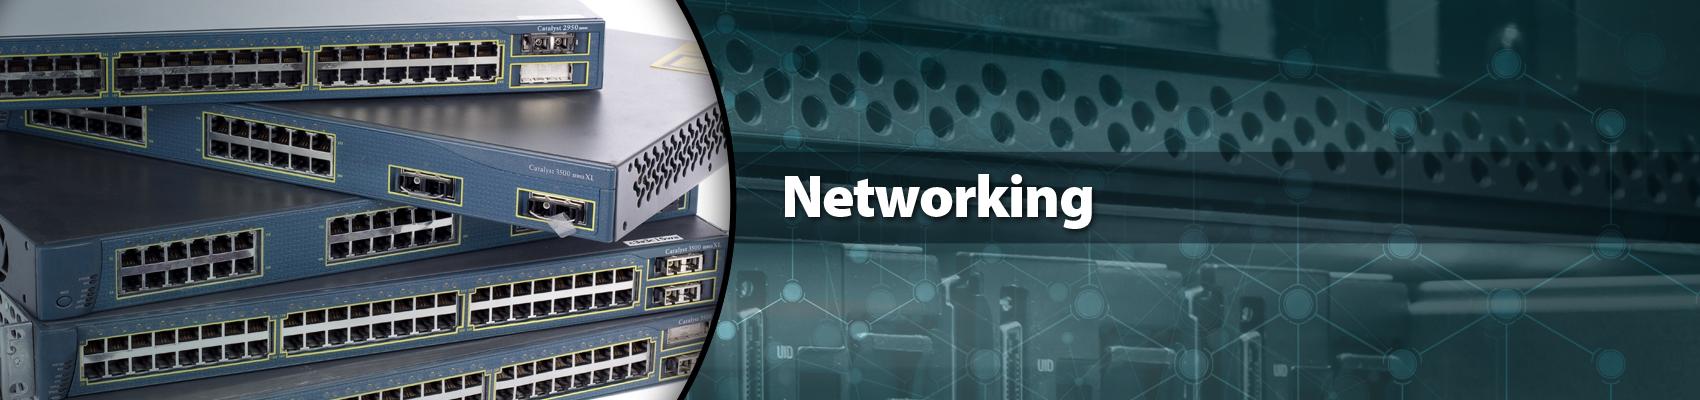 NetworkCrazeNetworking